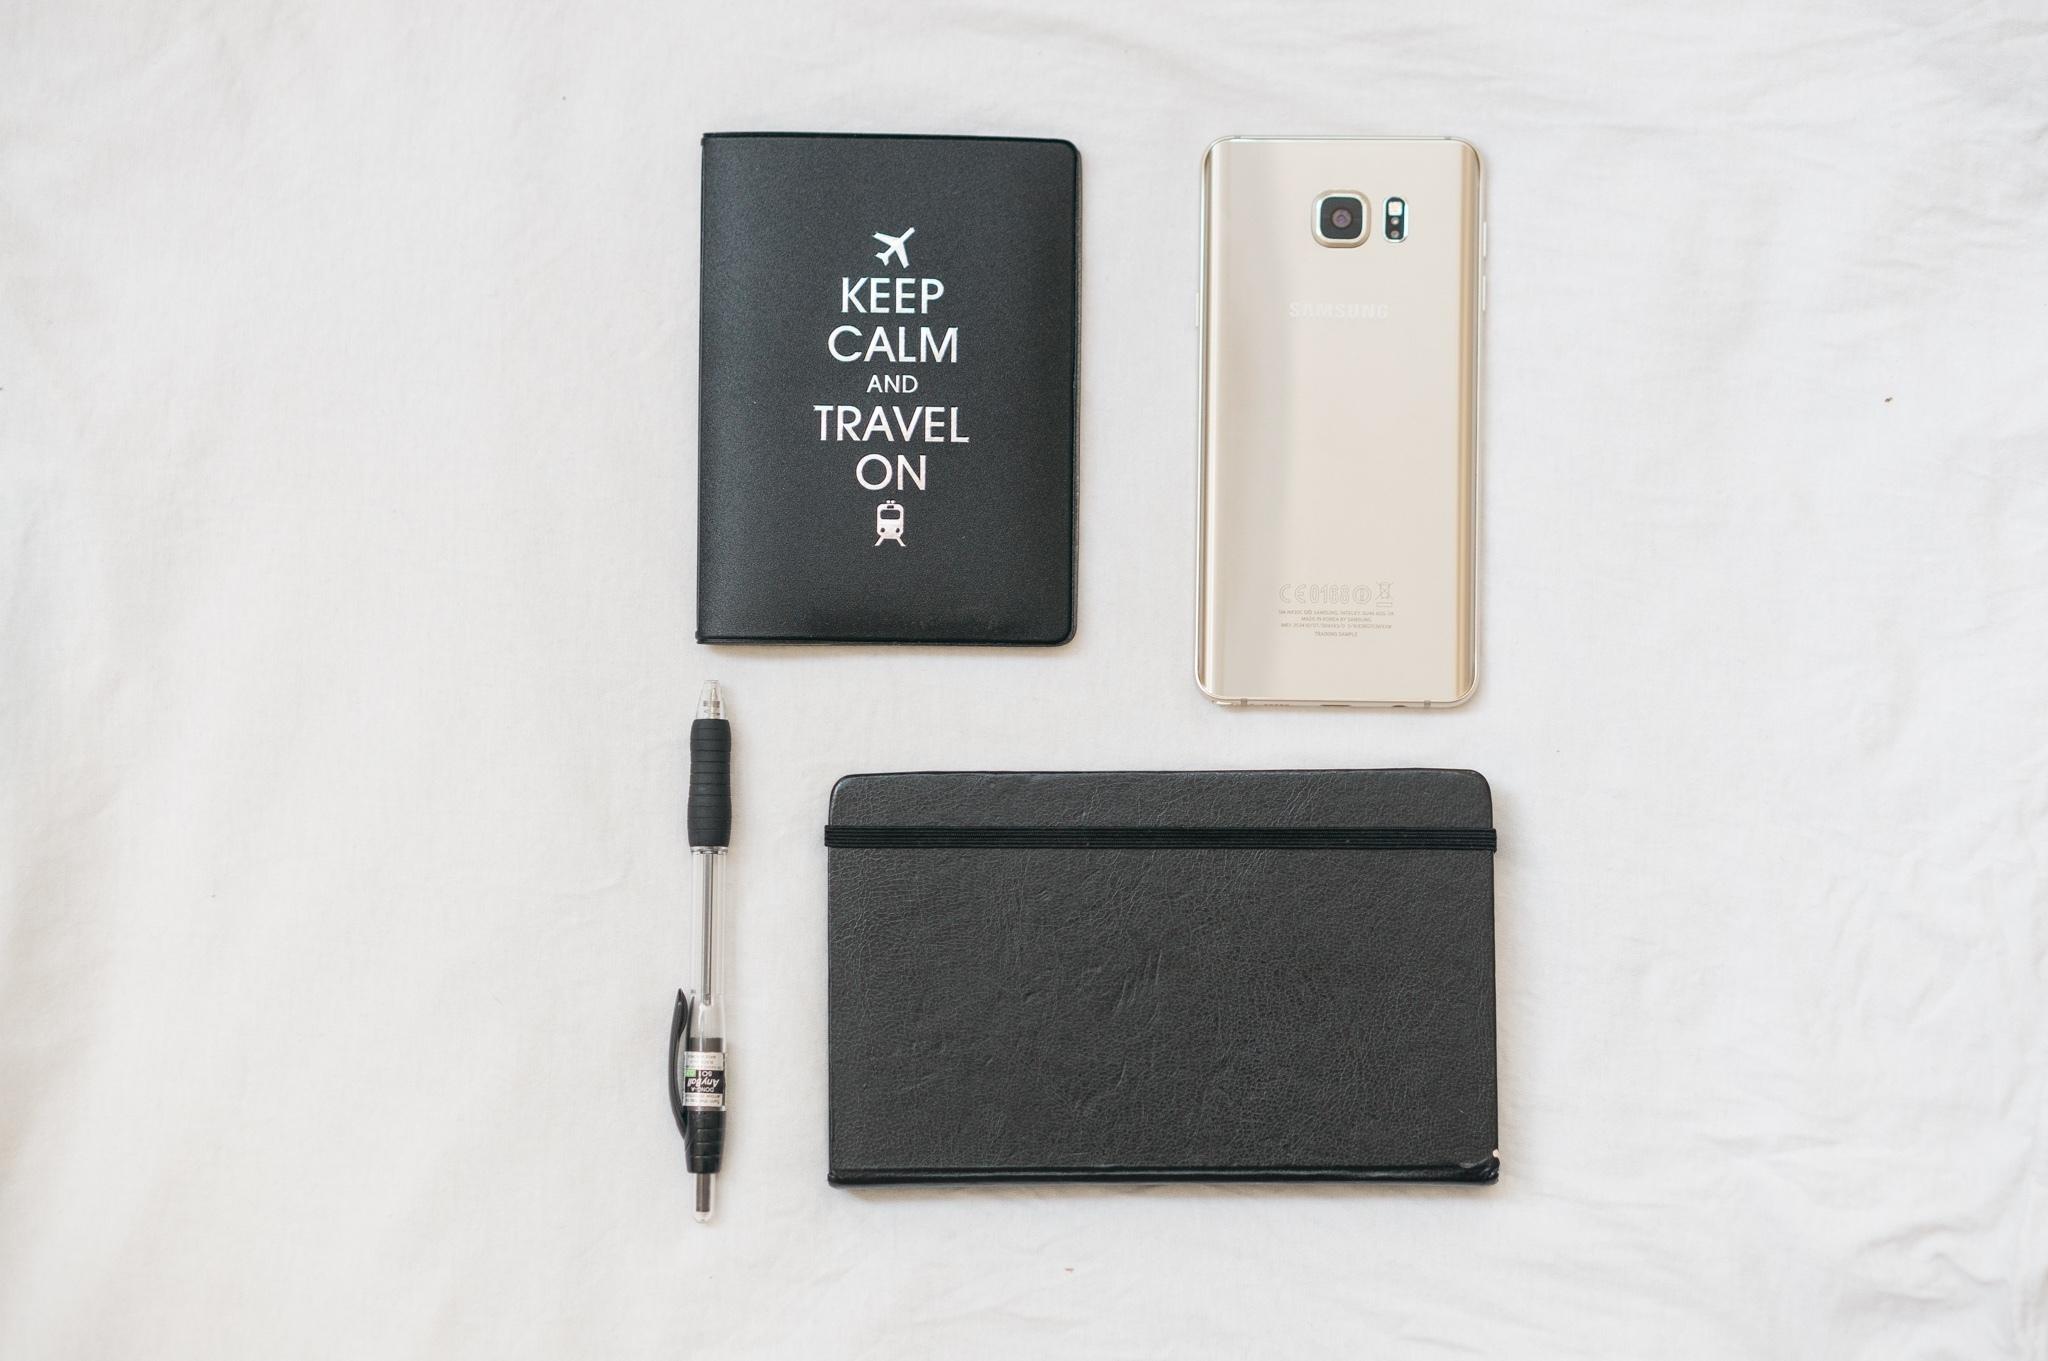 Galaxy Note 5 đỉnh cao công nghệ giá hợp lý